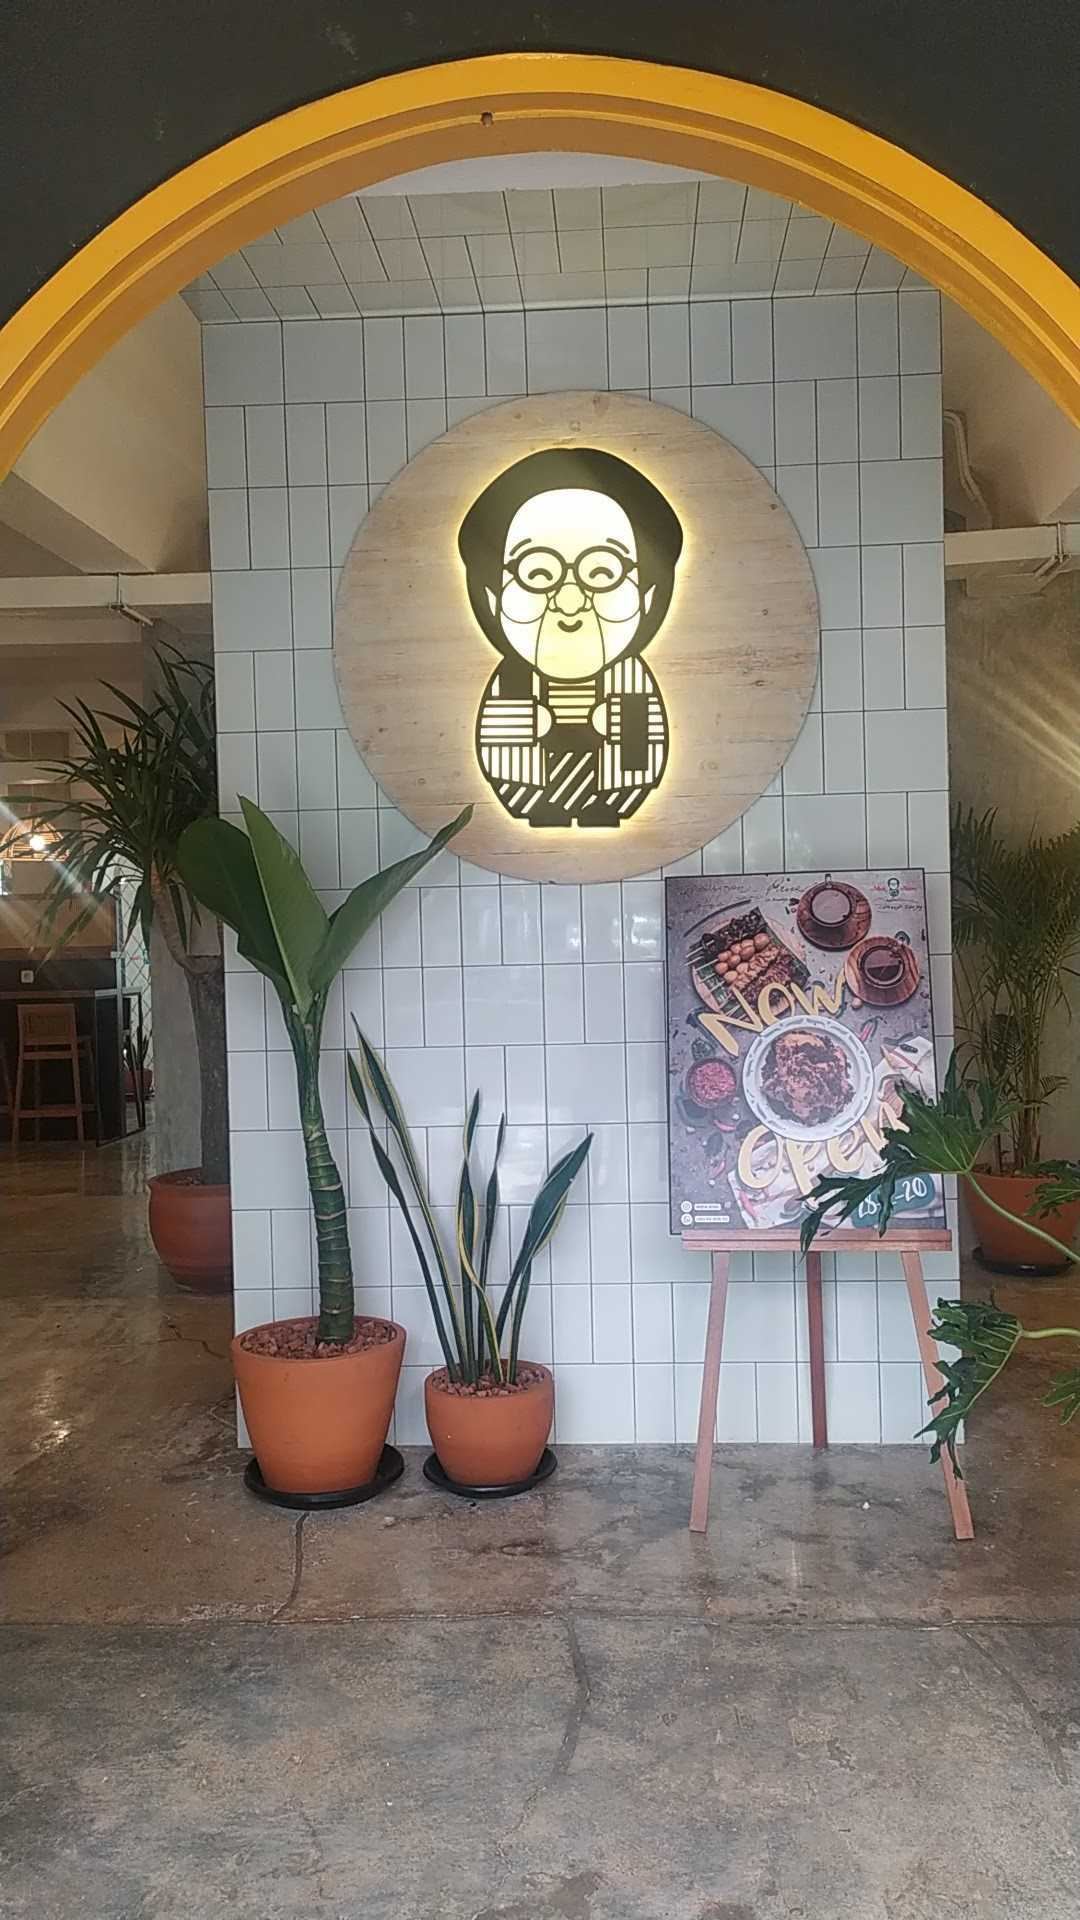 Bito Interior Design N Build Mbok Ndoro & Kopi Tole Sabang Jl. H. Agus Salim, Rt.8/rw.4, Gondangdia, Kec. Menteng, Kota Jakarta Pusat, Daerah Khusus Ibukota Jakarta, Indonesia Jl. H. Agus Salim, Rt.8/rw.4, Gondangdia, Kec. Menteng, Kota Jakarta Pusat, Daerah Khusus Ibukota Jakarta, Indonesia Bito-Interior-Design-N-Build-Mbok-Ndoro-Kopi-Tole-Sabang  90011